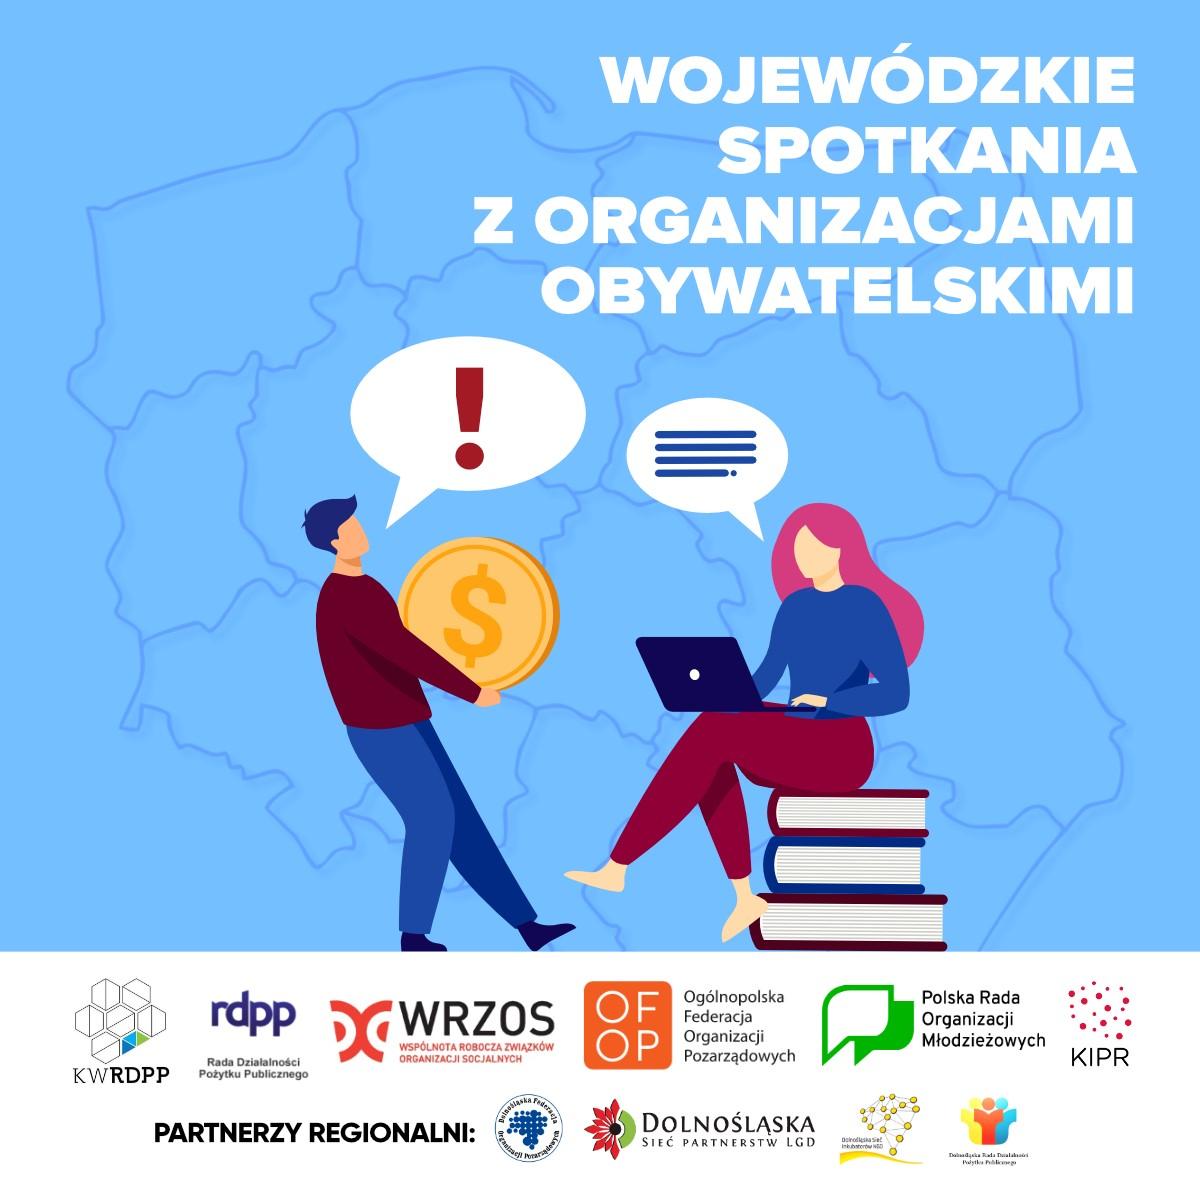 Spotkanie otwarte z NGO – woj. wielkopolskie